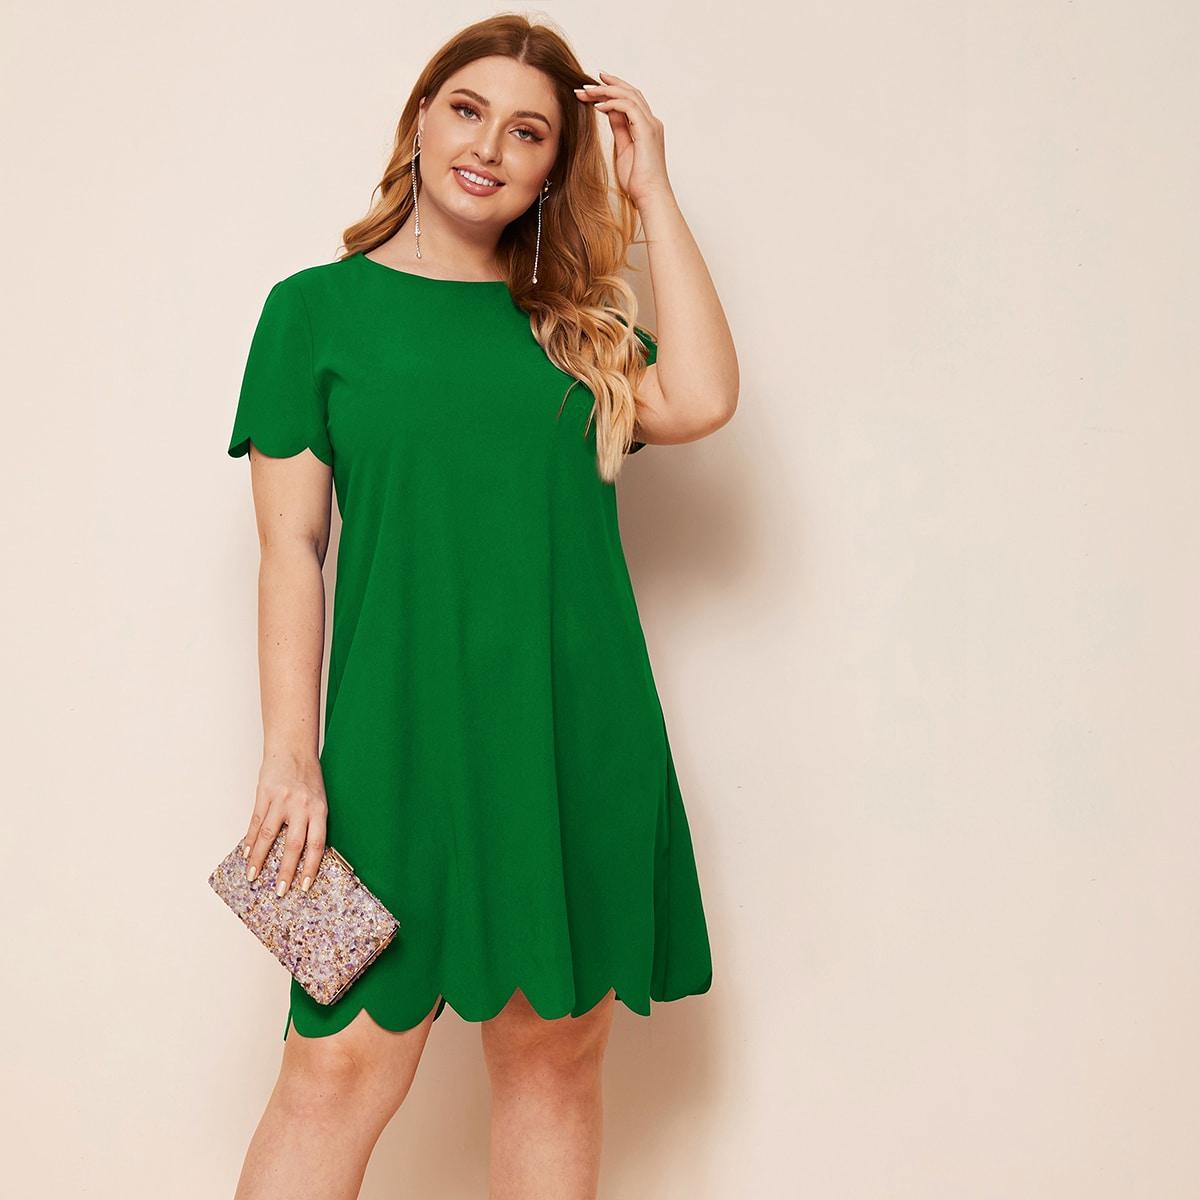 Однотонное платье размера плюс с оригинальной отделкой